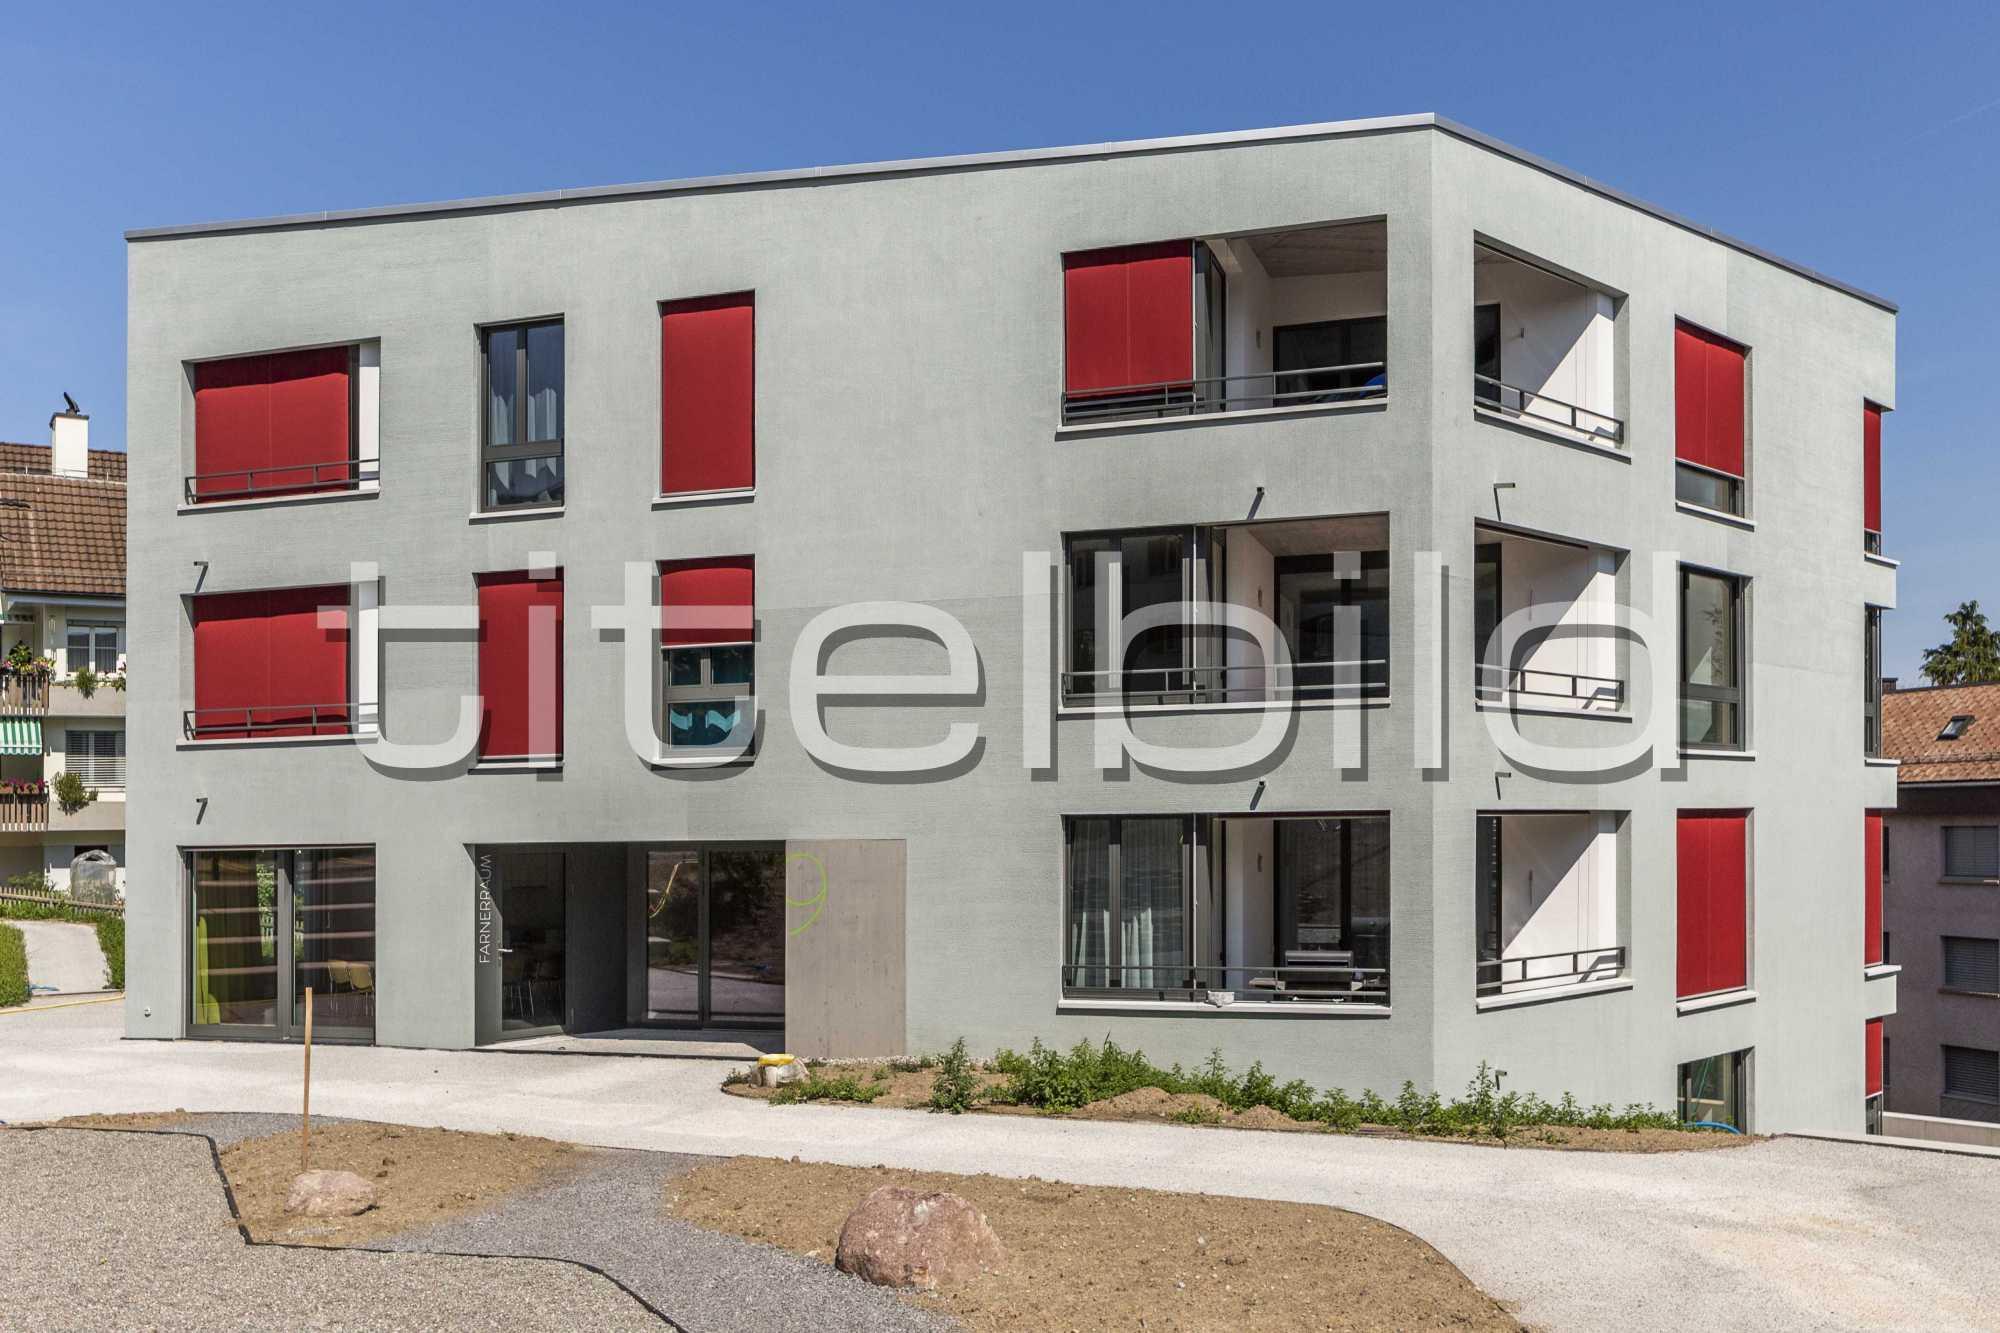 Projektbild-Nr. 0: Ersatzneubau Mehrfamilienhäuser